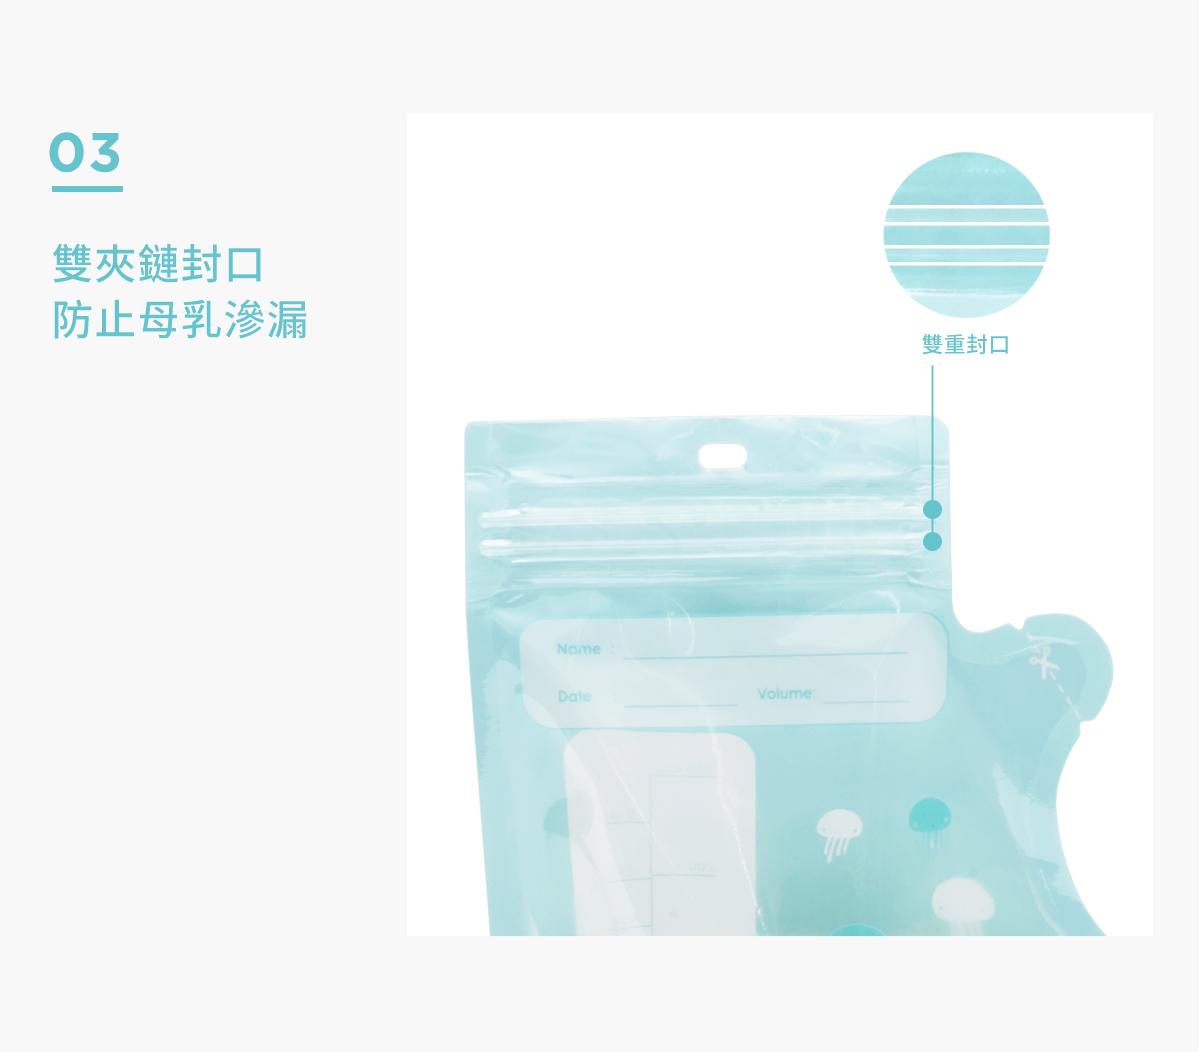 母乳袋, 站立式壺形母乳袋,, 母乳, 哺乳, 哺餵, 特點, 雙夾鏈封口, 防止母乳滲透